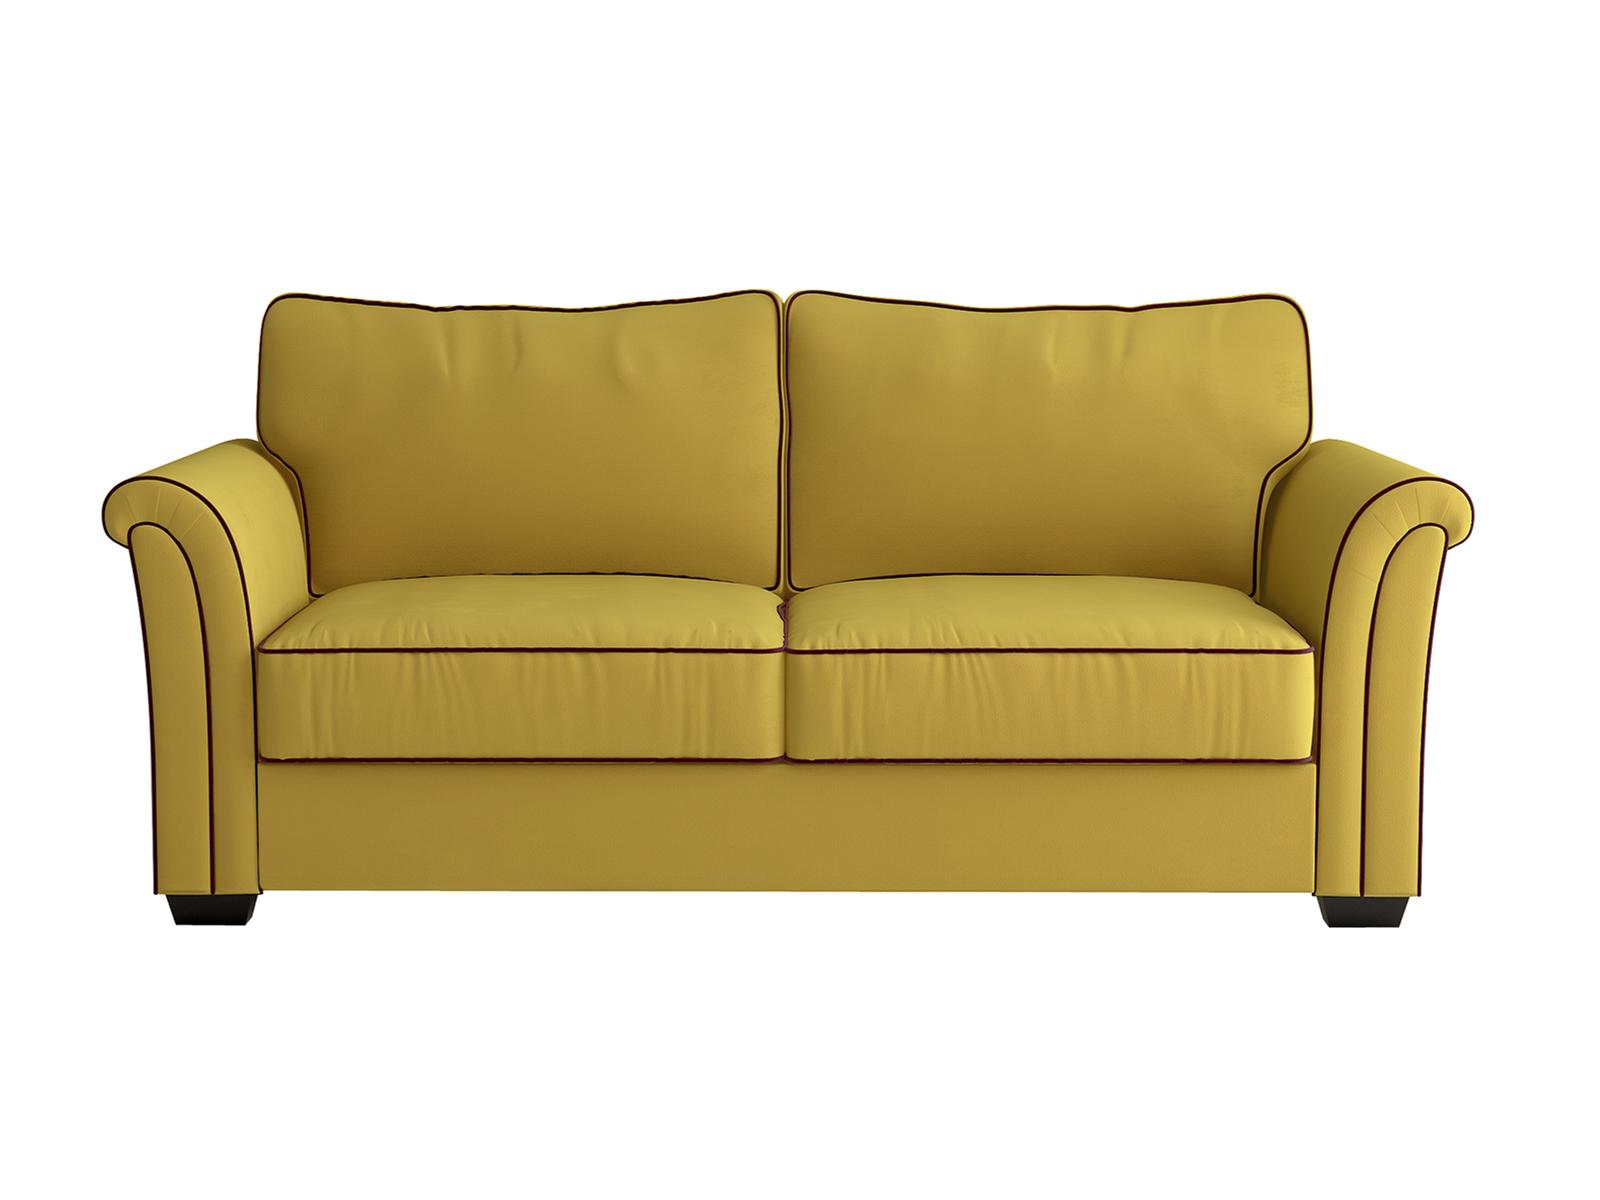 Диван-кровать двухместный SydneyДиваны и кушетки<br>Диван-кровать двухместный с мягким удобным сиденьем и механизмом трансформации Sedaflex. Размер спального места 1840х1330 мм. Каталог материалов, PDF<br>